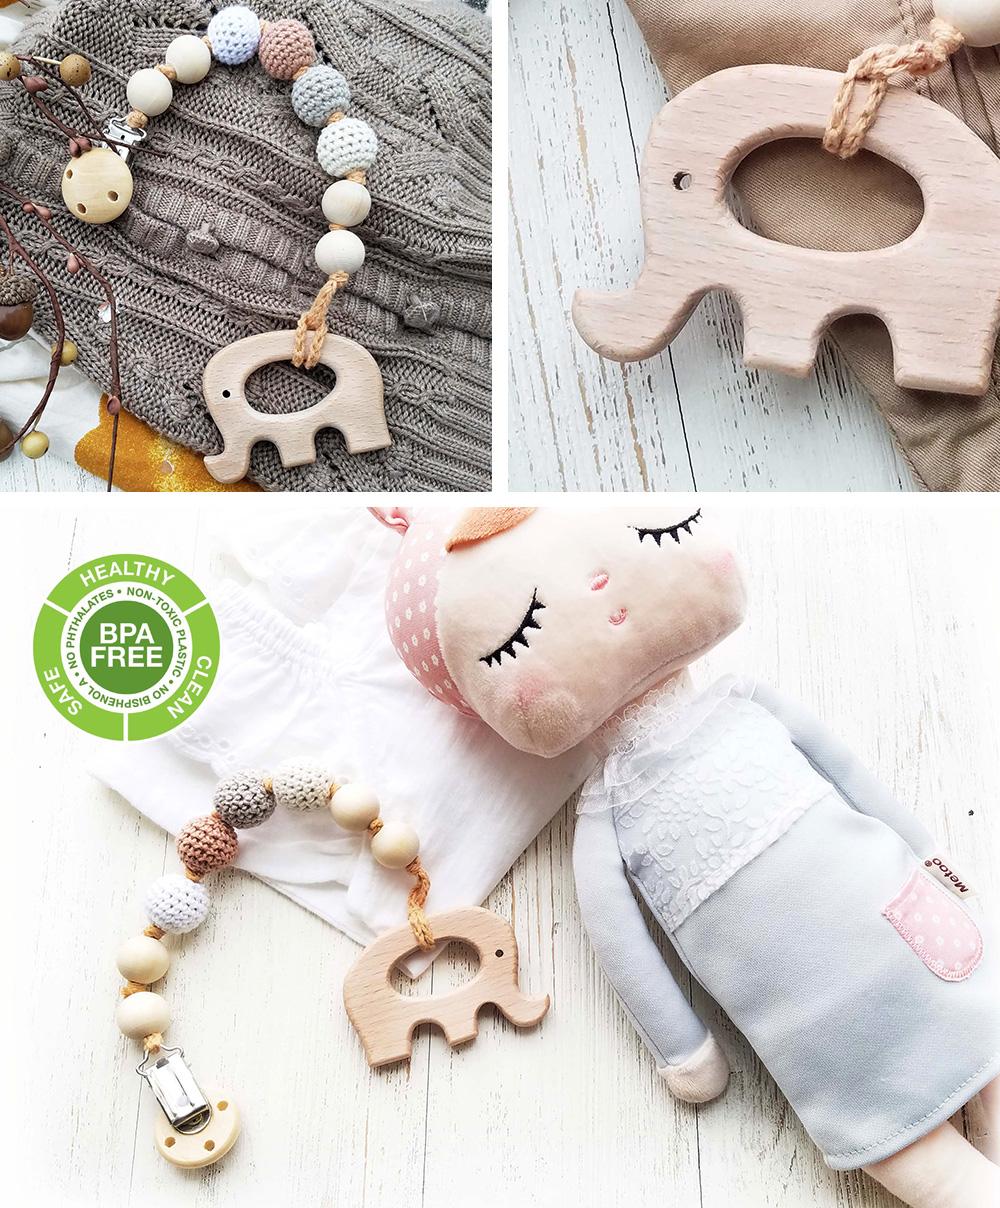 美國 Mali Wear 天然原木手工嬰幼兒有機棉奶嘴鏈+原木固齒器 薰衣草鴿子款